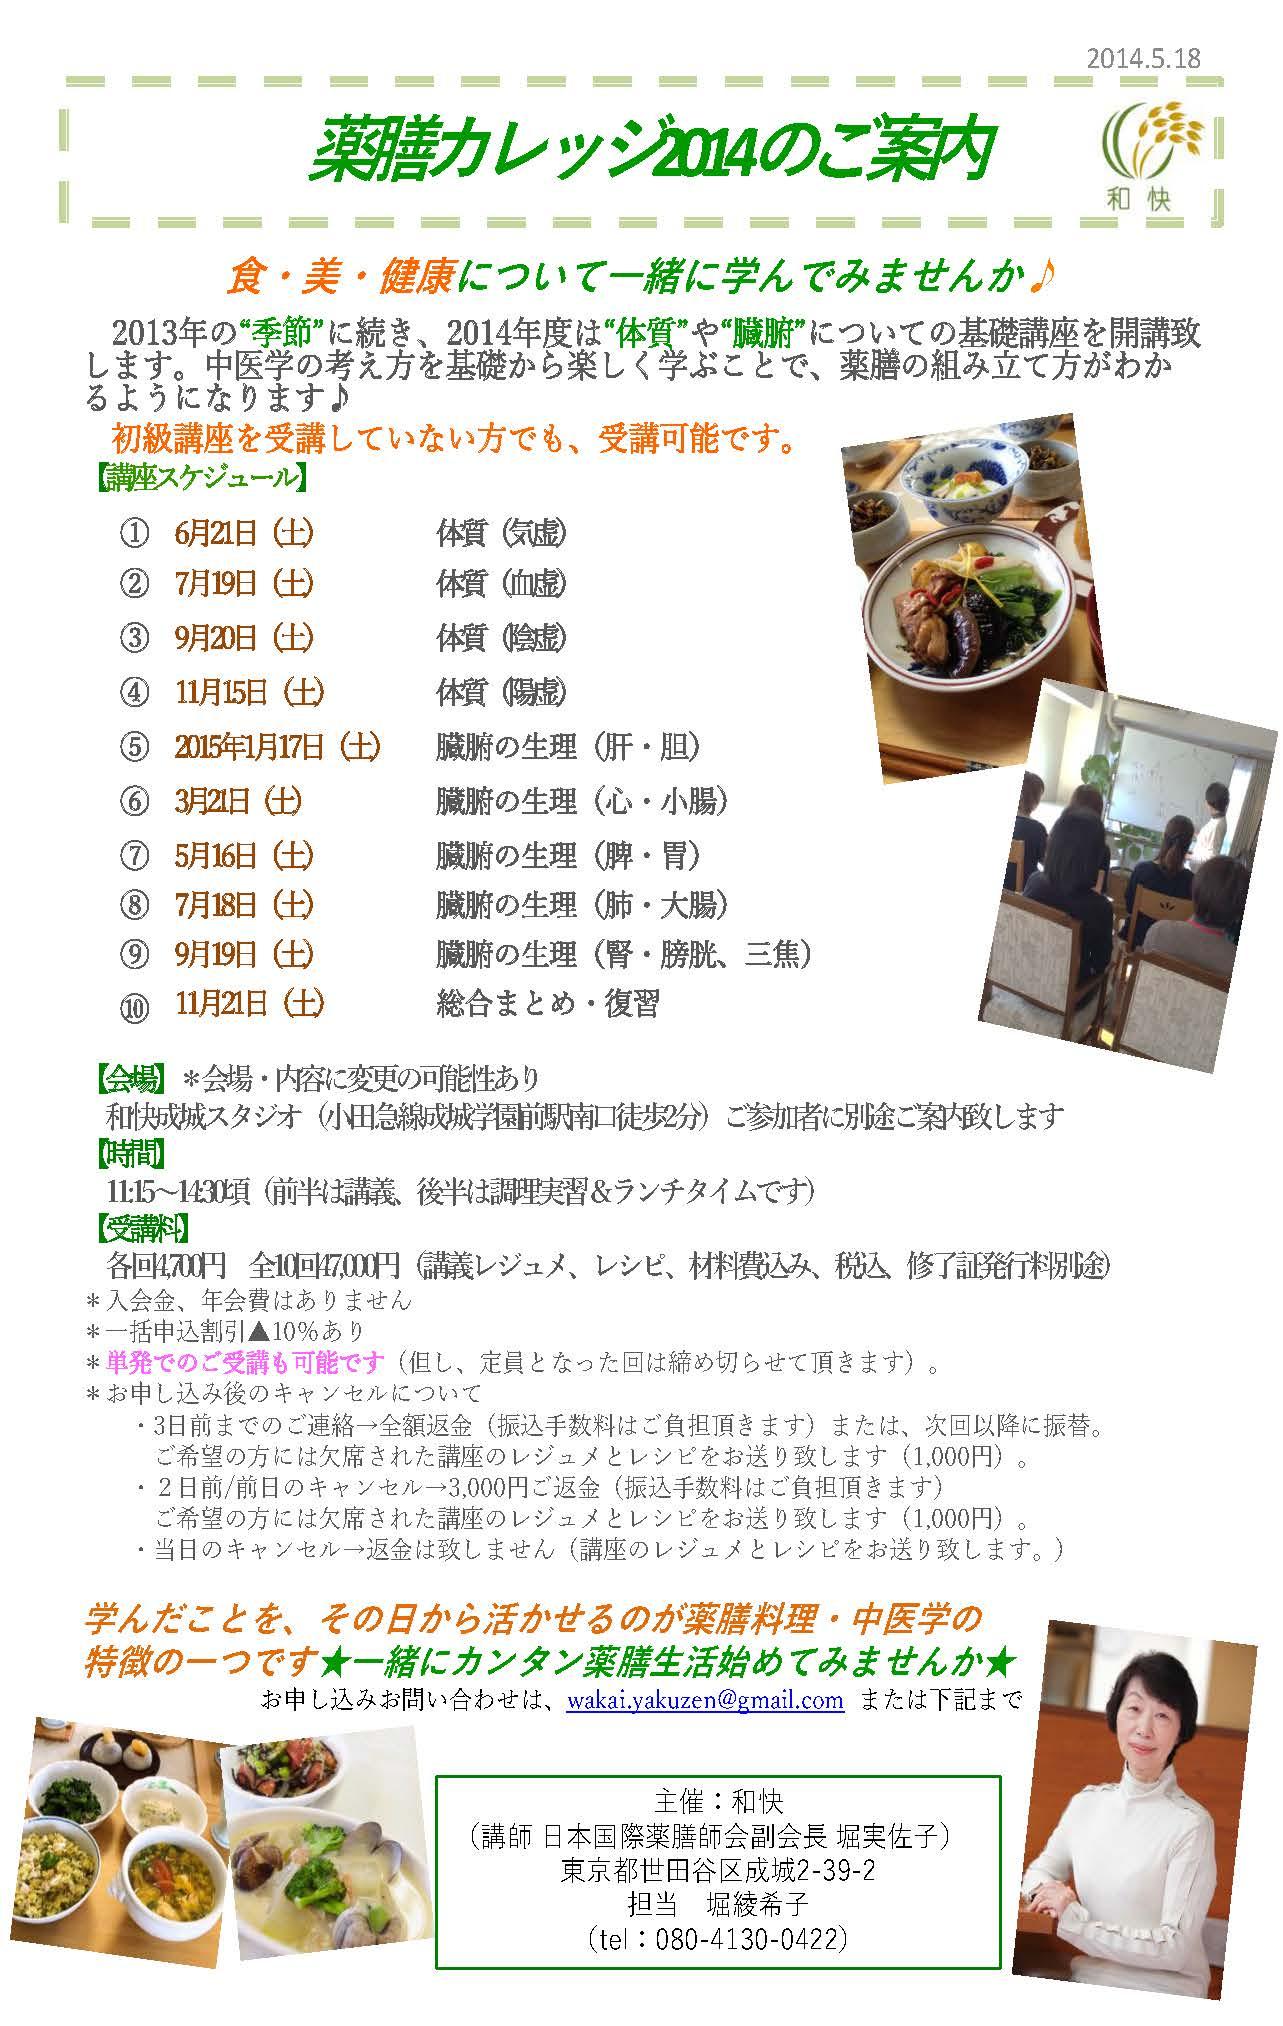 薬膳カレッジご案内(H26.5月版)